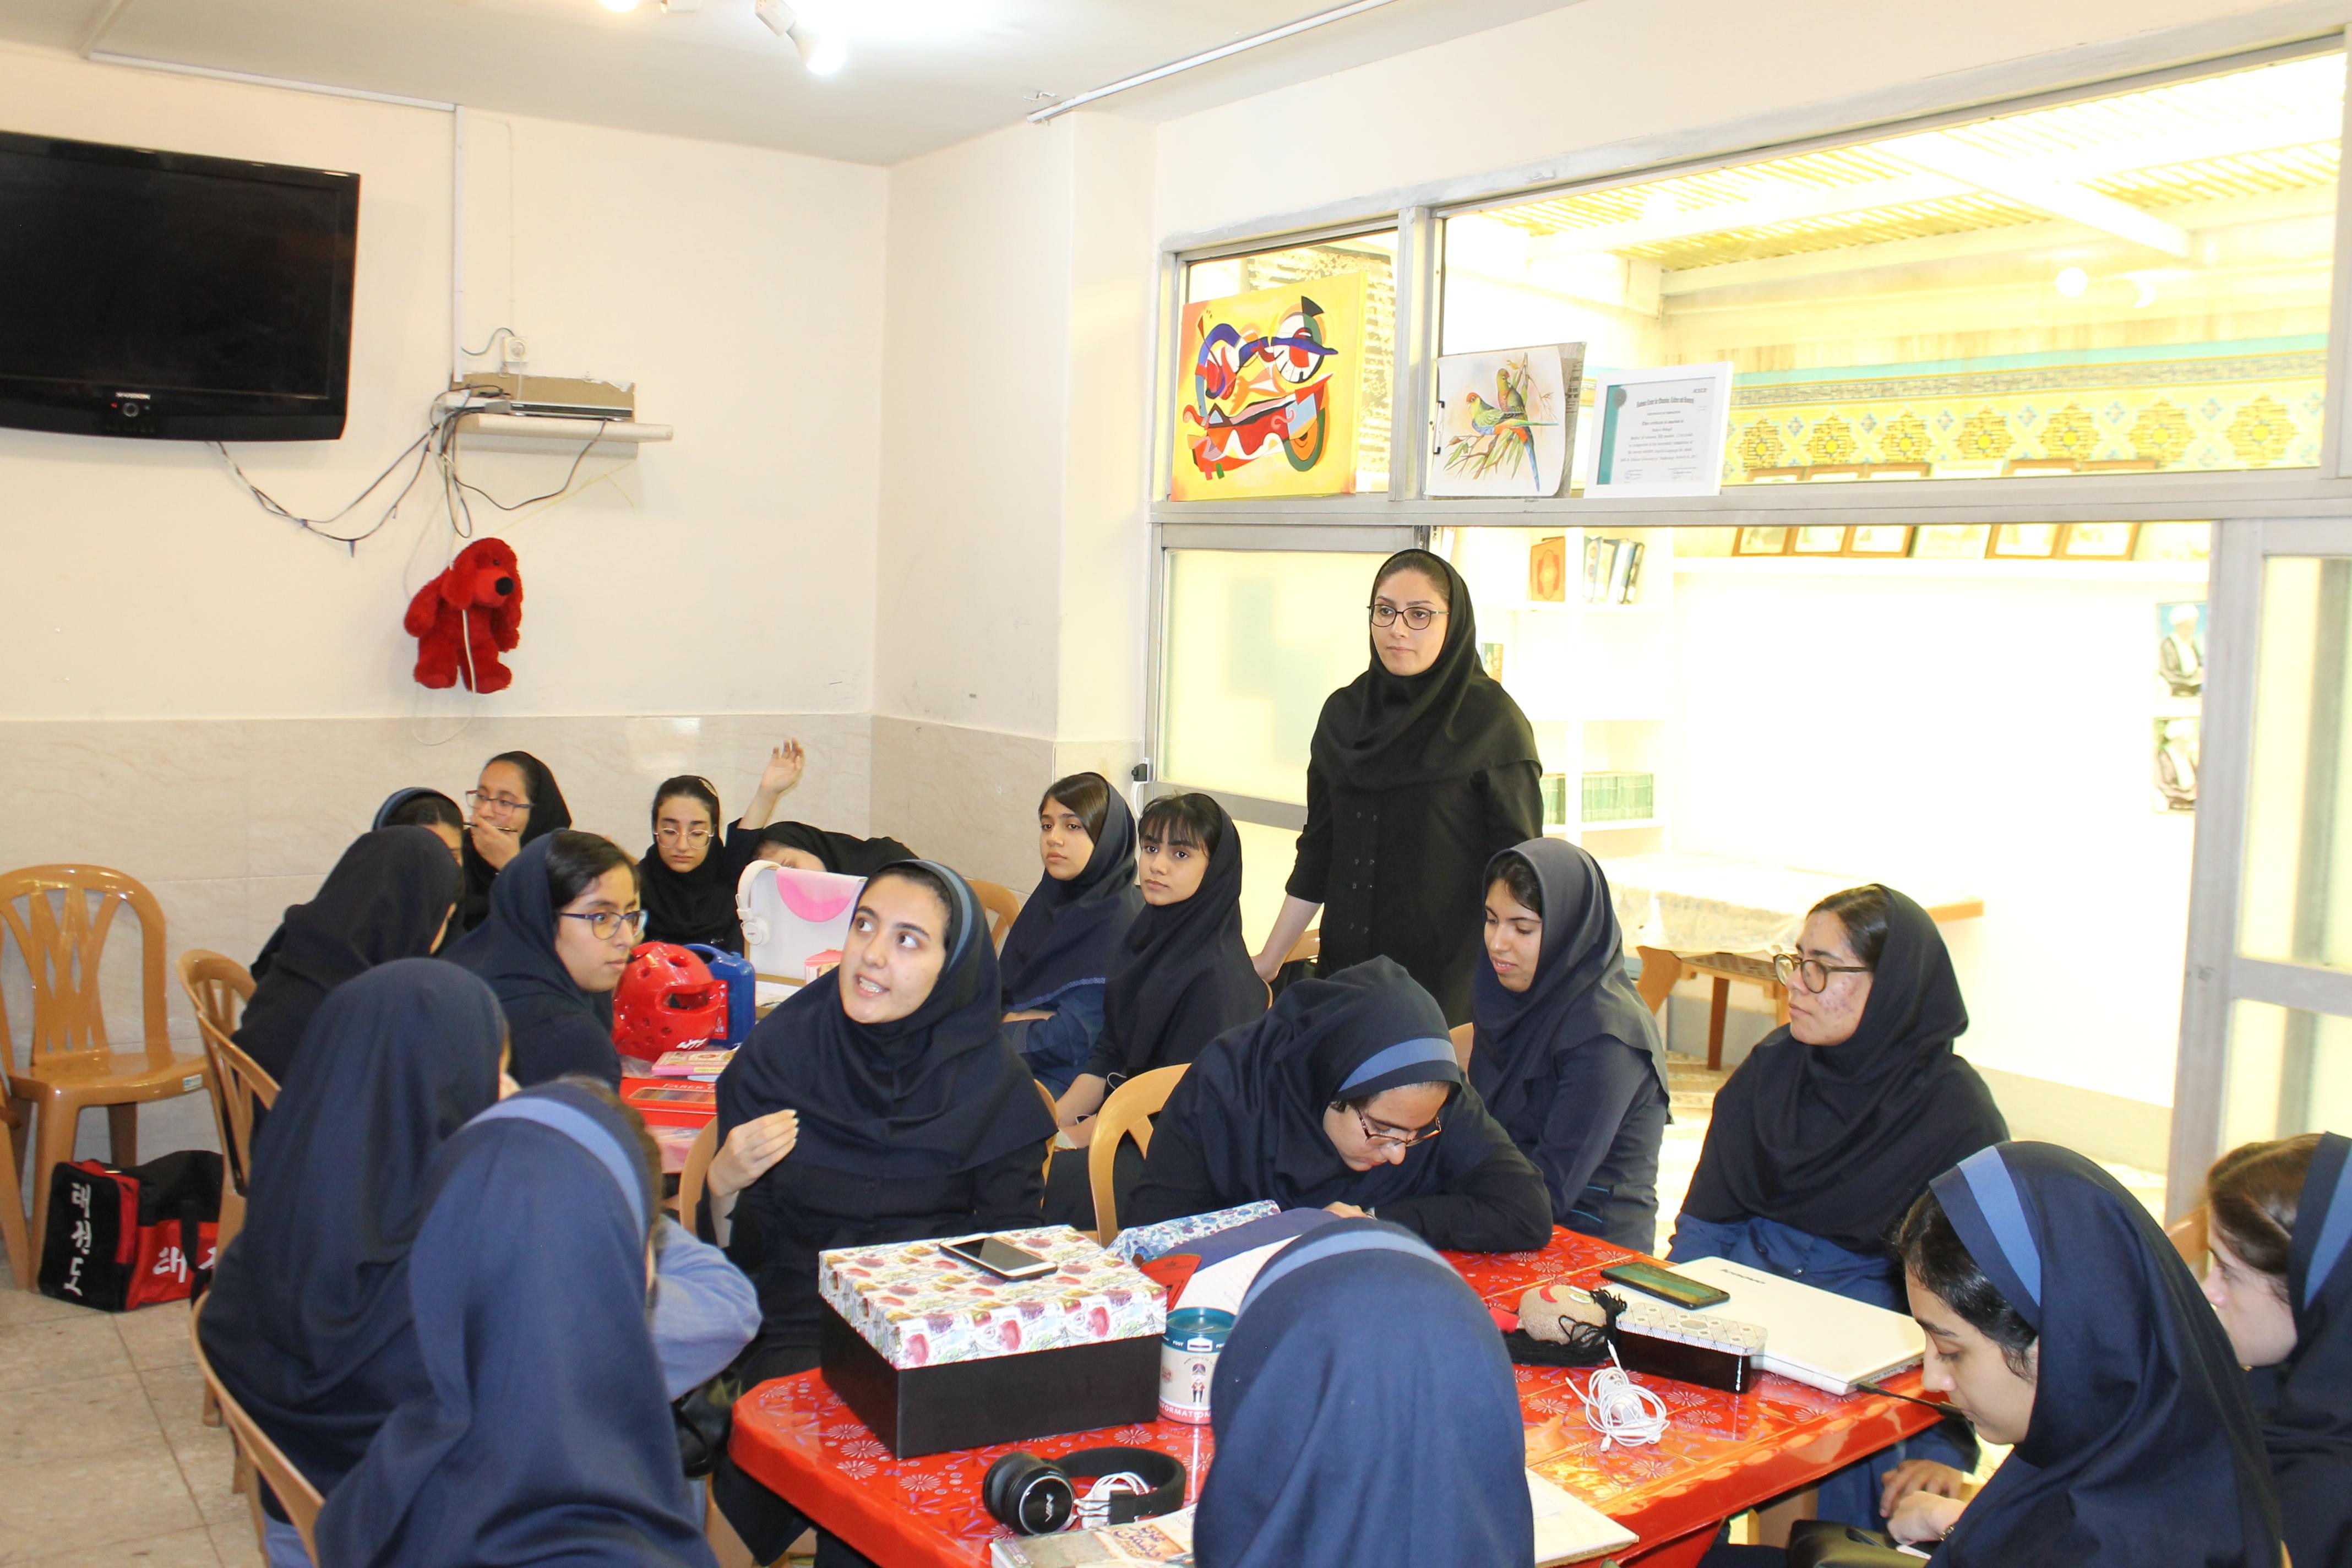 کارگاه تفکر طراحی در مدرسه (تابستان1398)